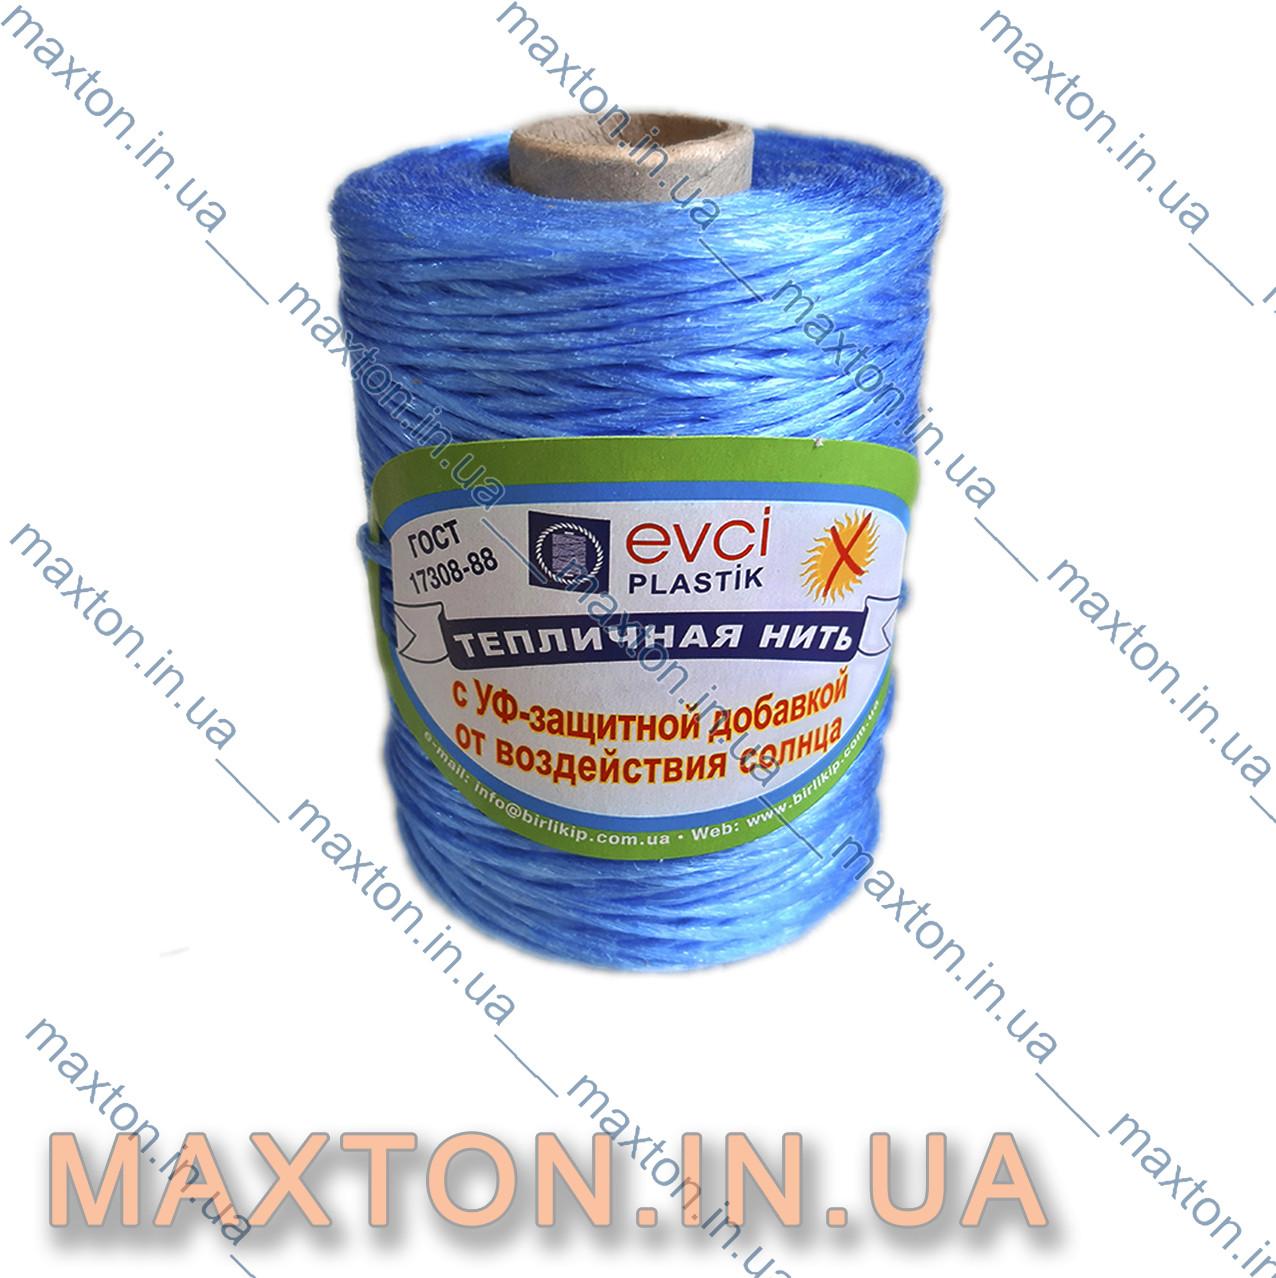 Шпагат полипропиленовый 250 с УФ добавкой от воздействия солнца синий